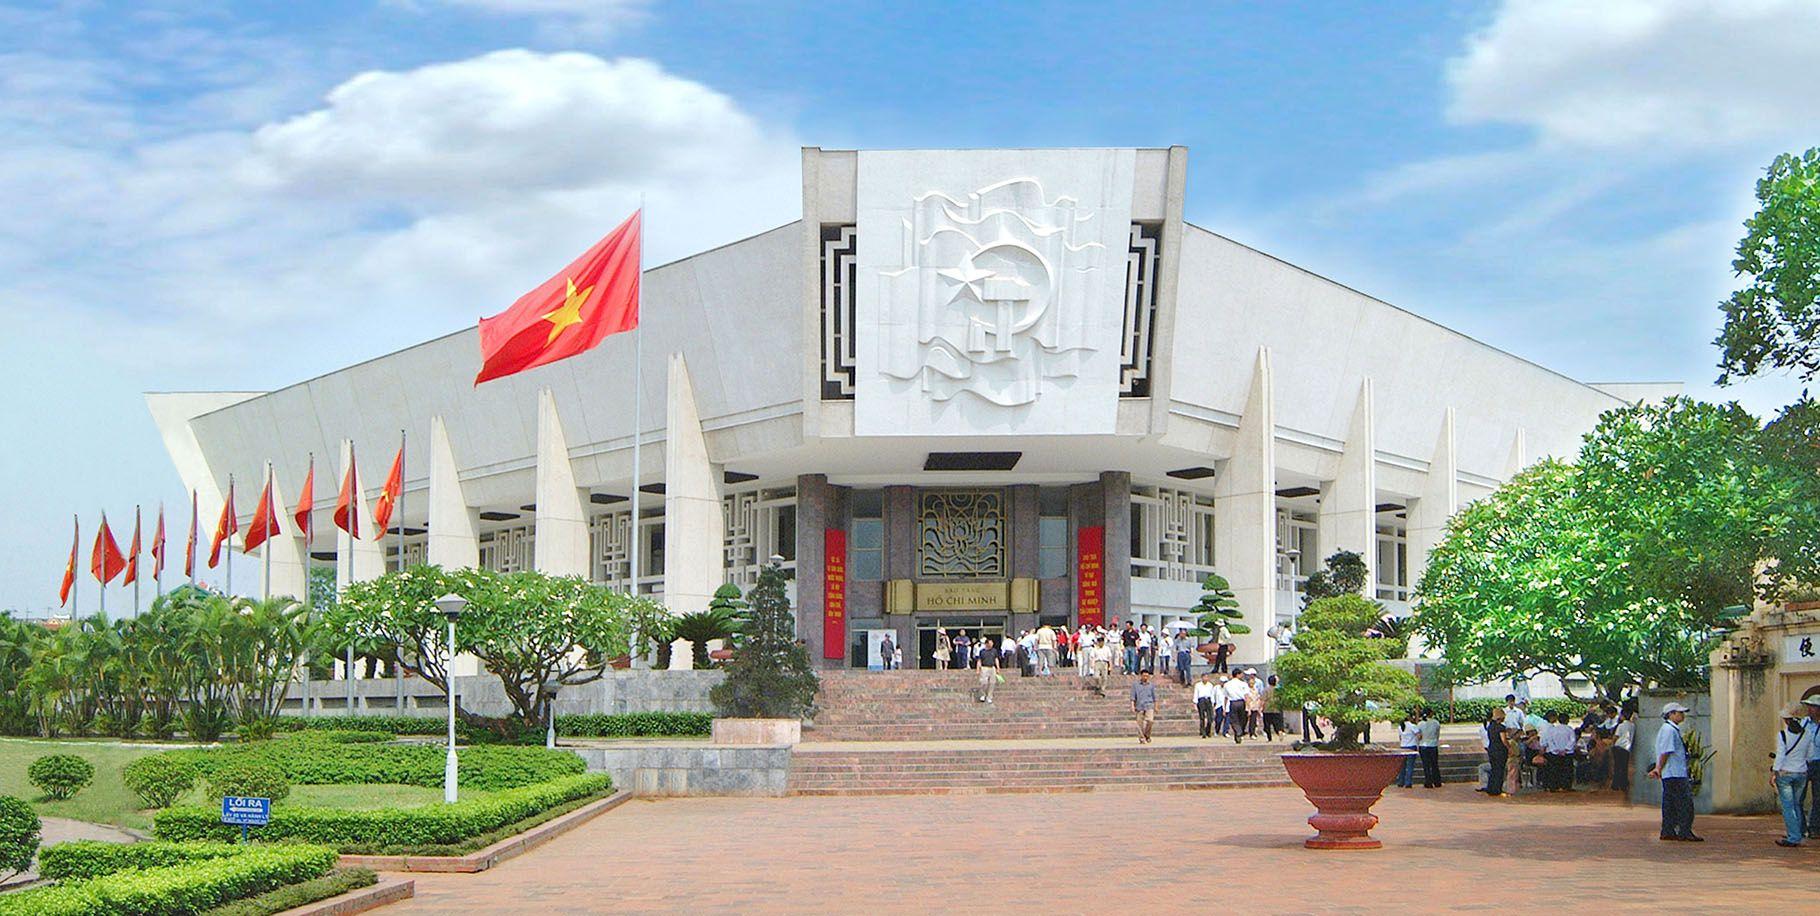 Bảo tàng Hồ Chí Minh. Hình: Sưu tầm